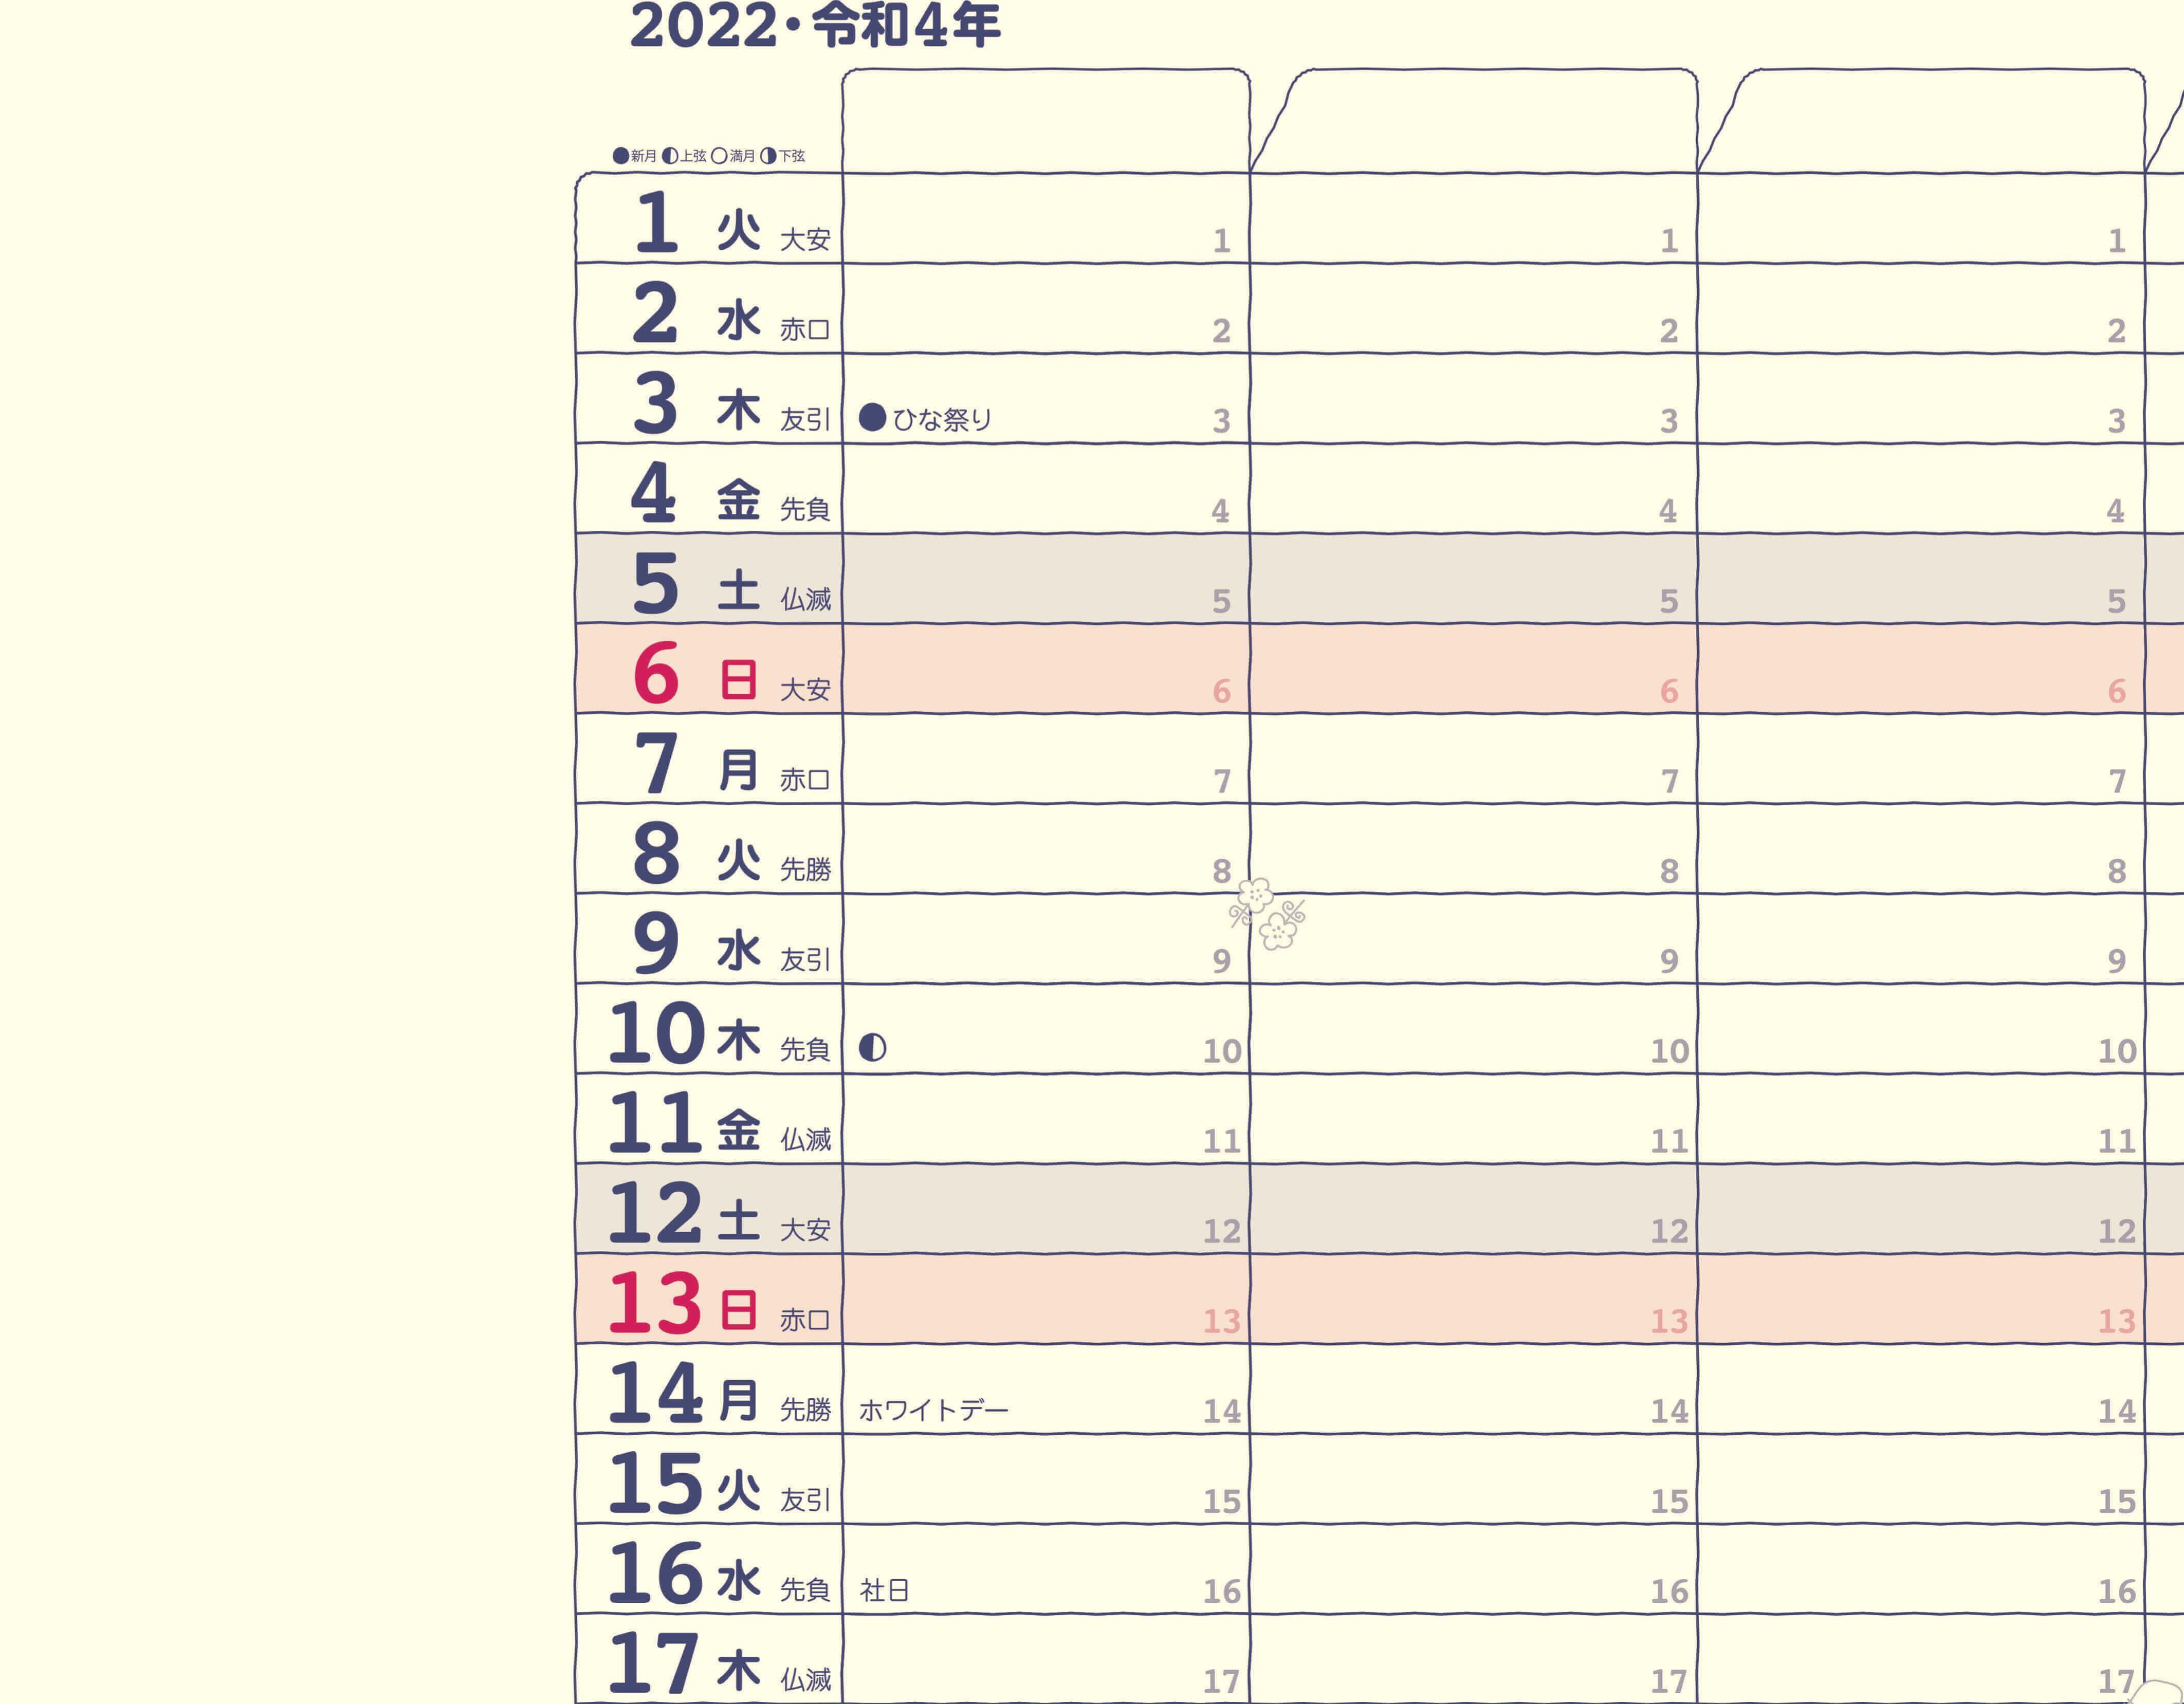 家庭のスケジュール 2022年カレンダーの画像